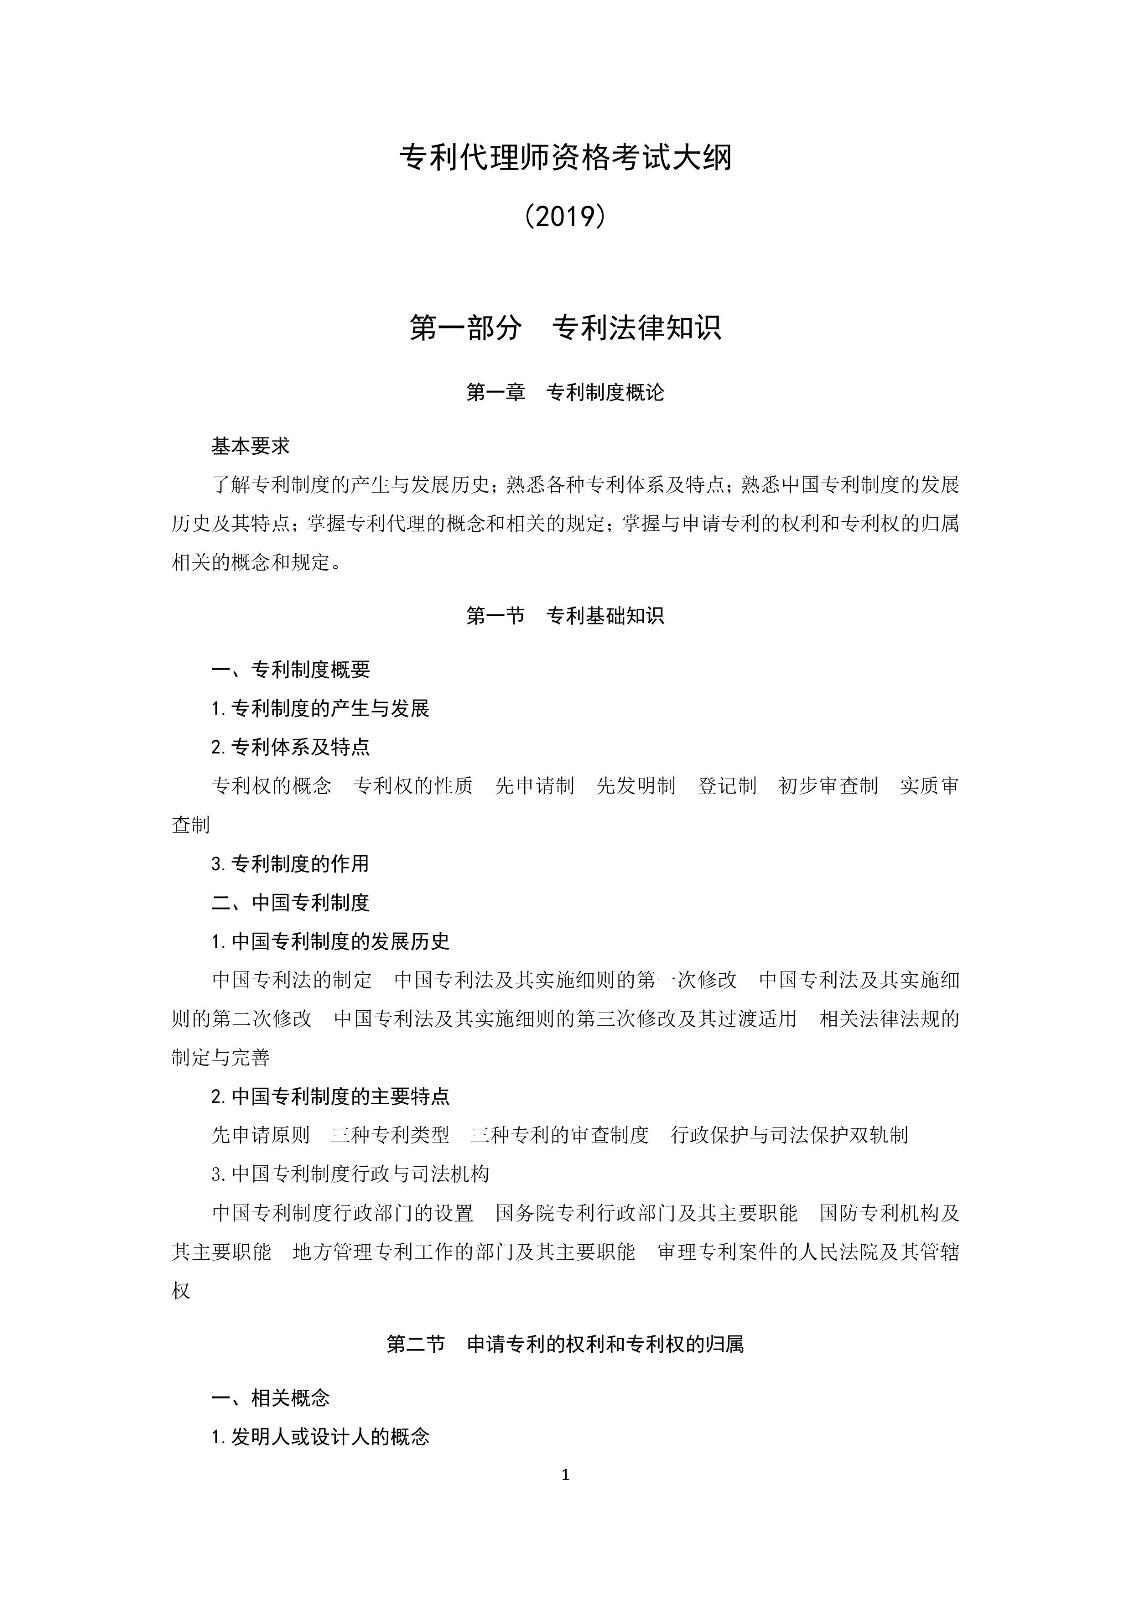 通知!国知局《2019年全国专利代理师资格考试大纲》发布